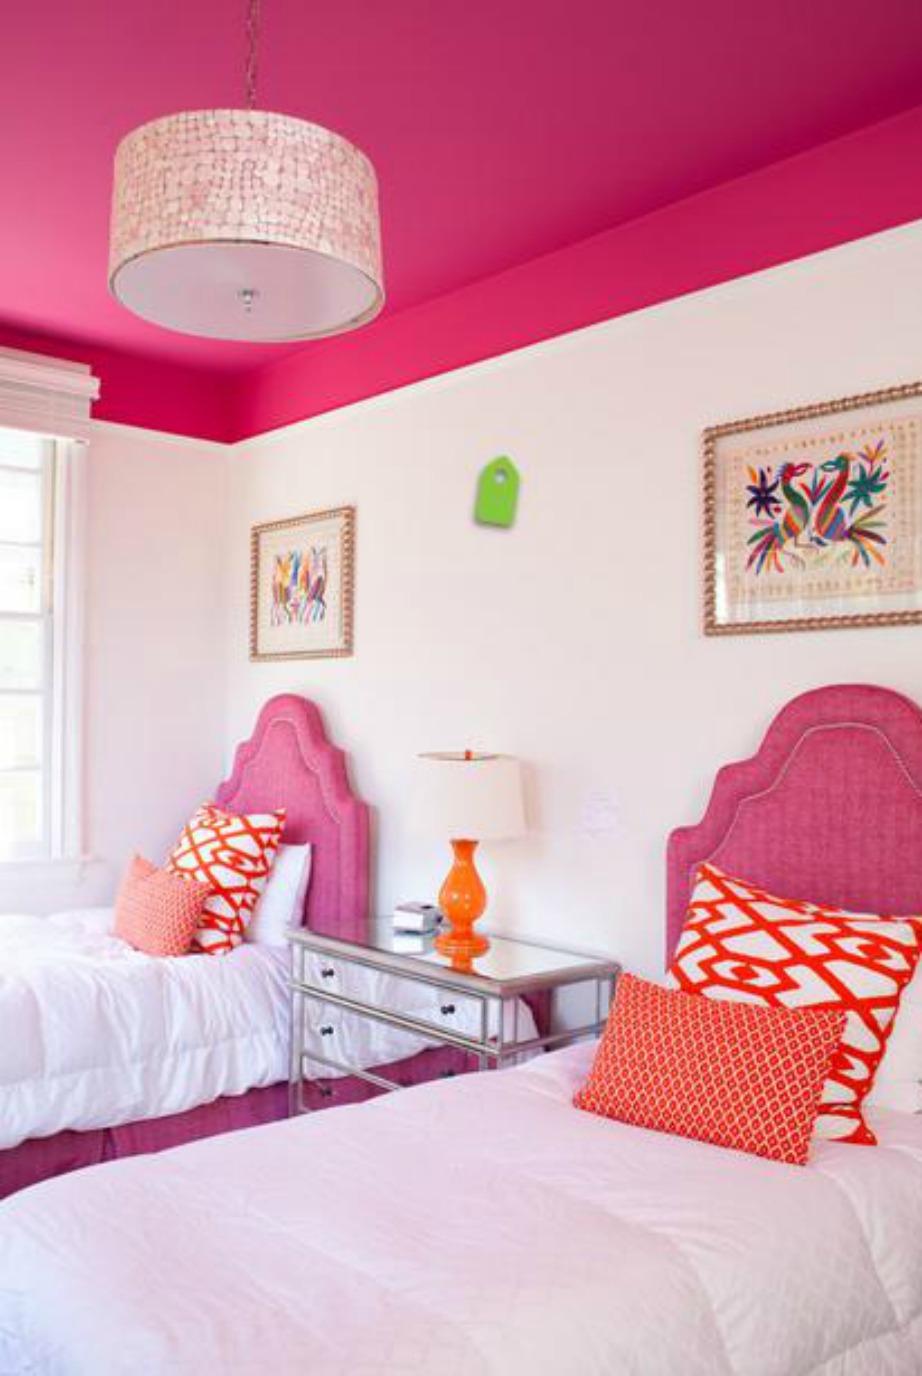 Αν θέλετε να φαίνεται το ταβάνι σας πιο χαμηλό, θα πρέπει να βάψετε τα πρώτα εκατοστά του πάνω μέρους του τοίχου σας στην ίδια απόχρωση με το ταβάνι.